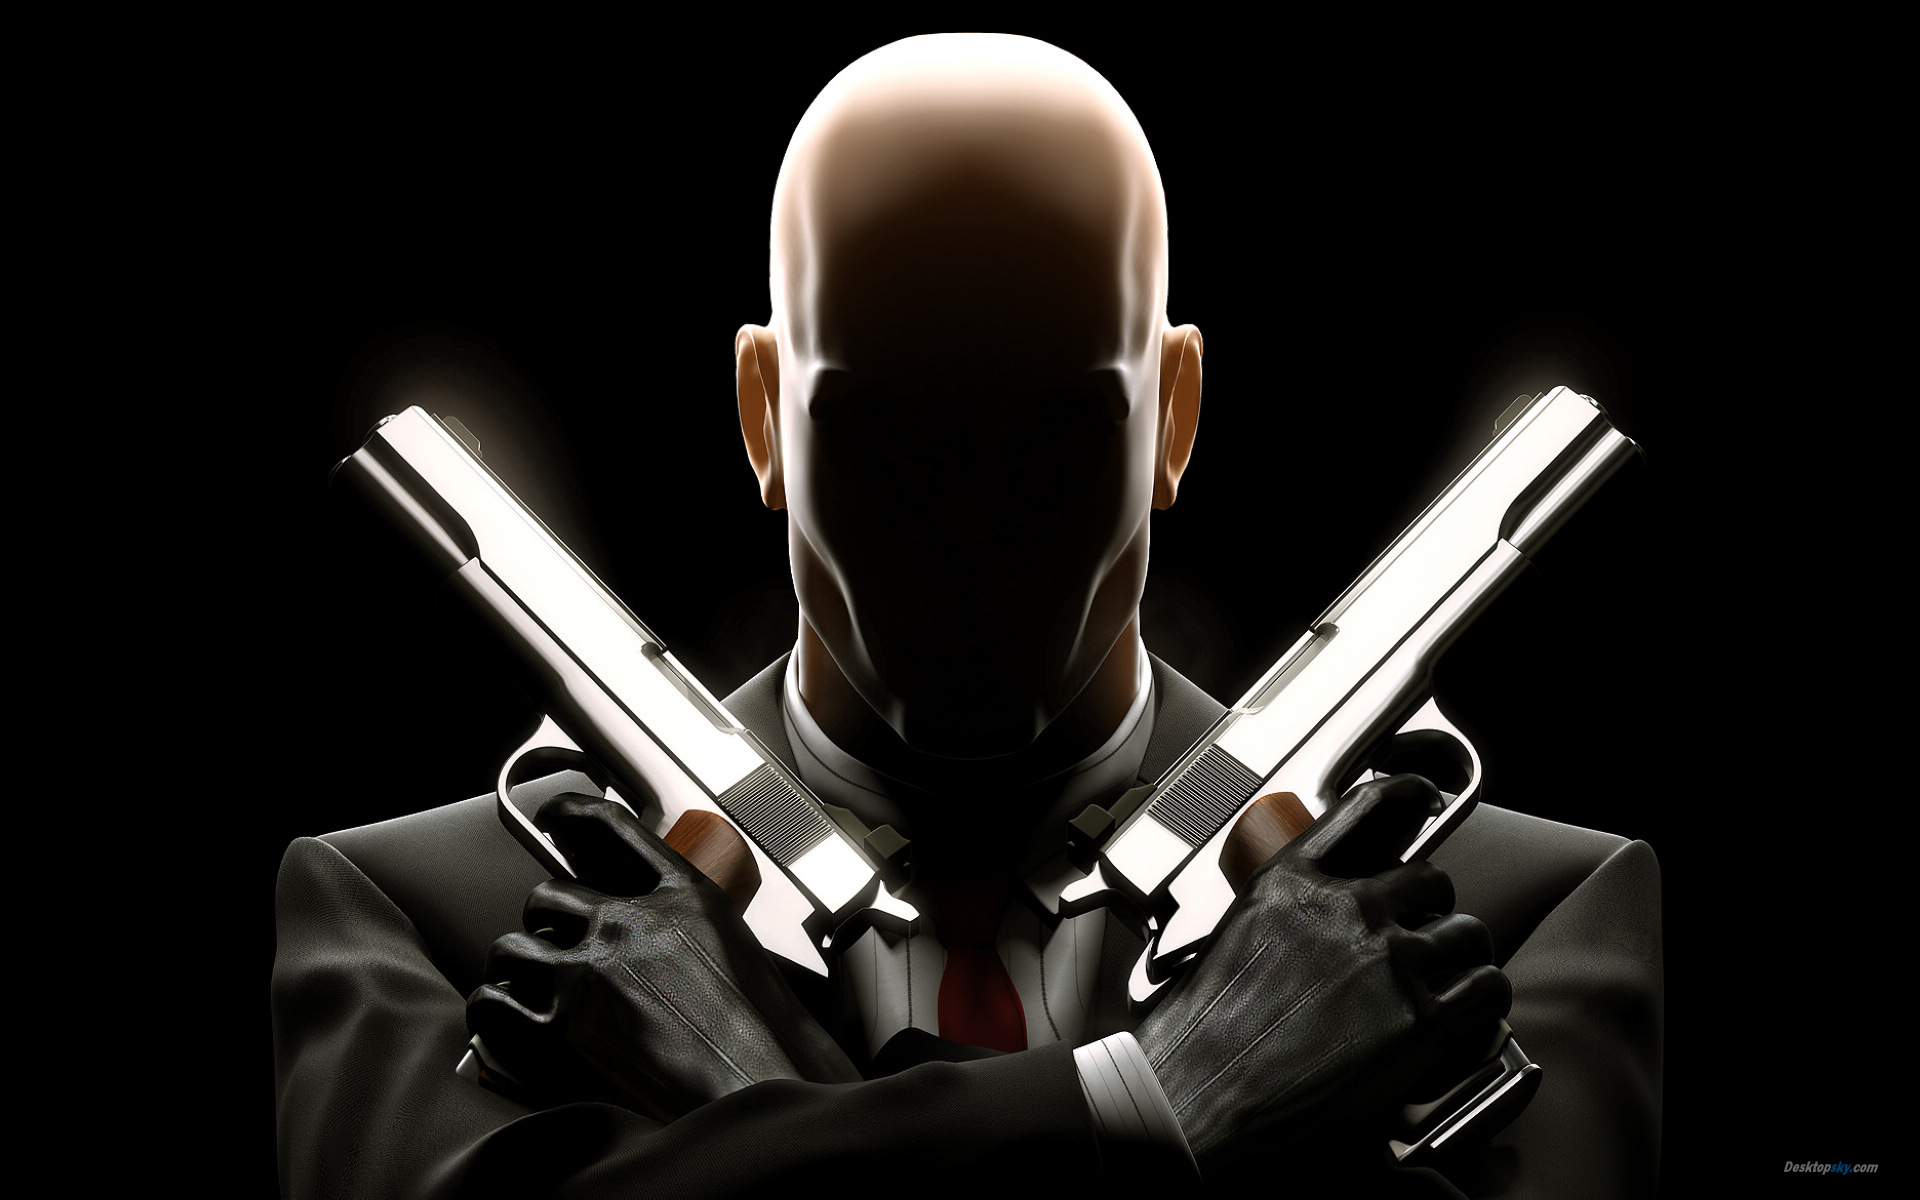 《杀手5赦免》高清壁纸分享